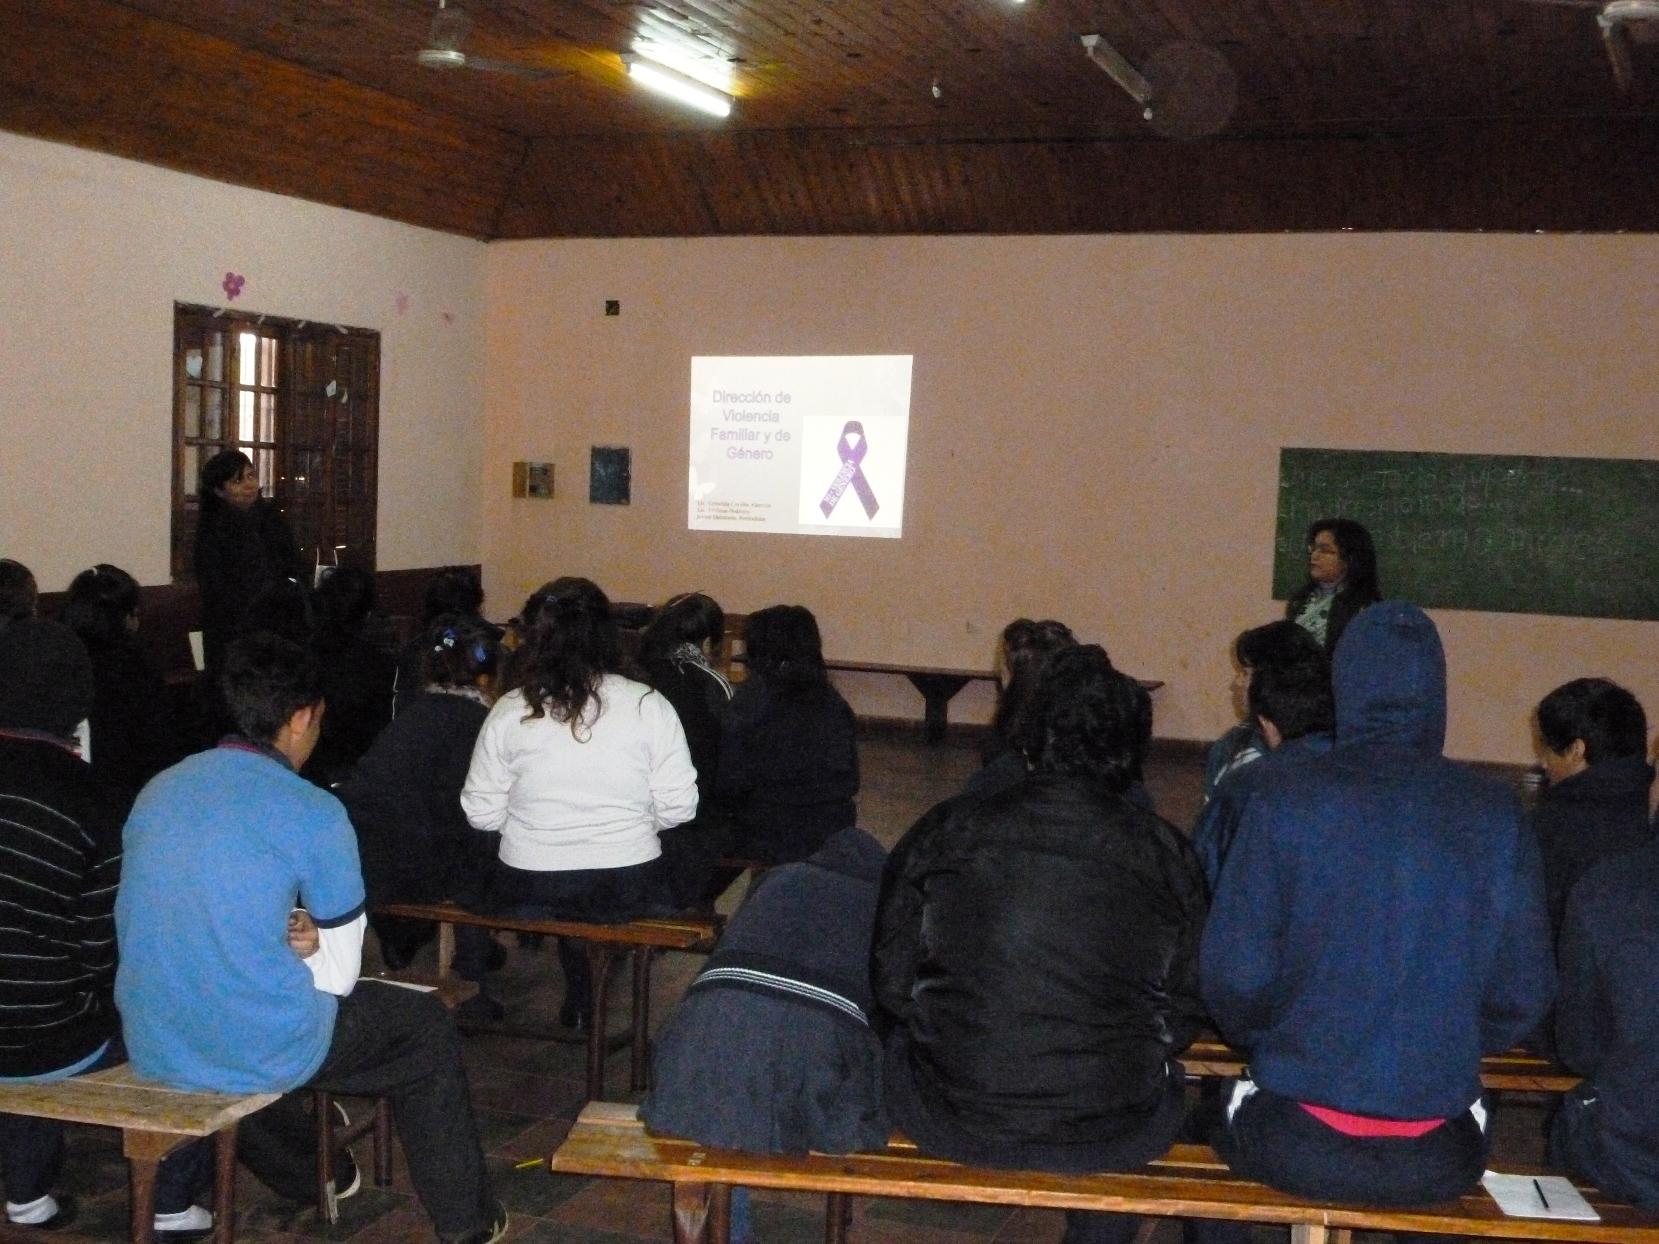 Brindan herramientas a los jóvenes para prevenir violencia.